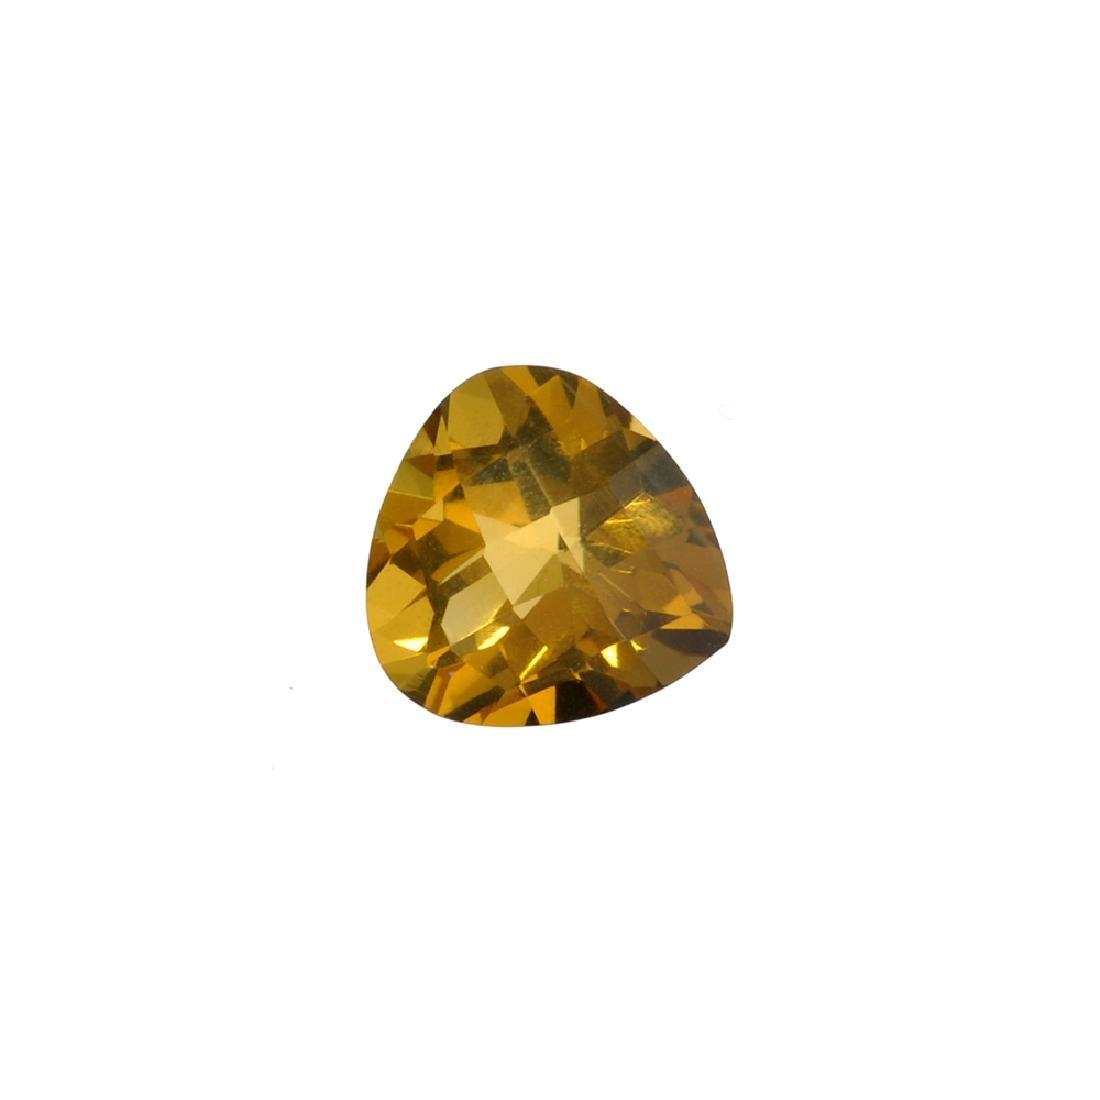 APP: 0.4k 7.33CT Pear Cut Citrine Gemstone